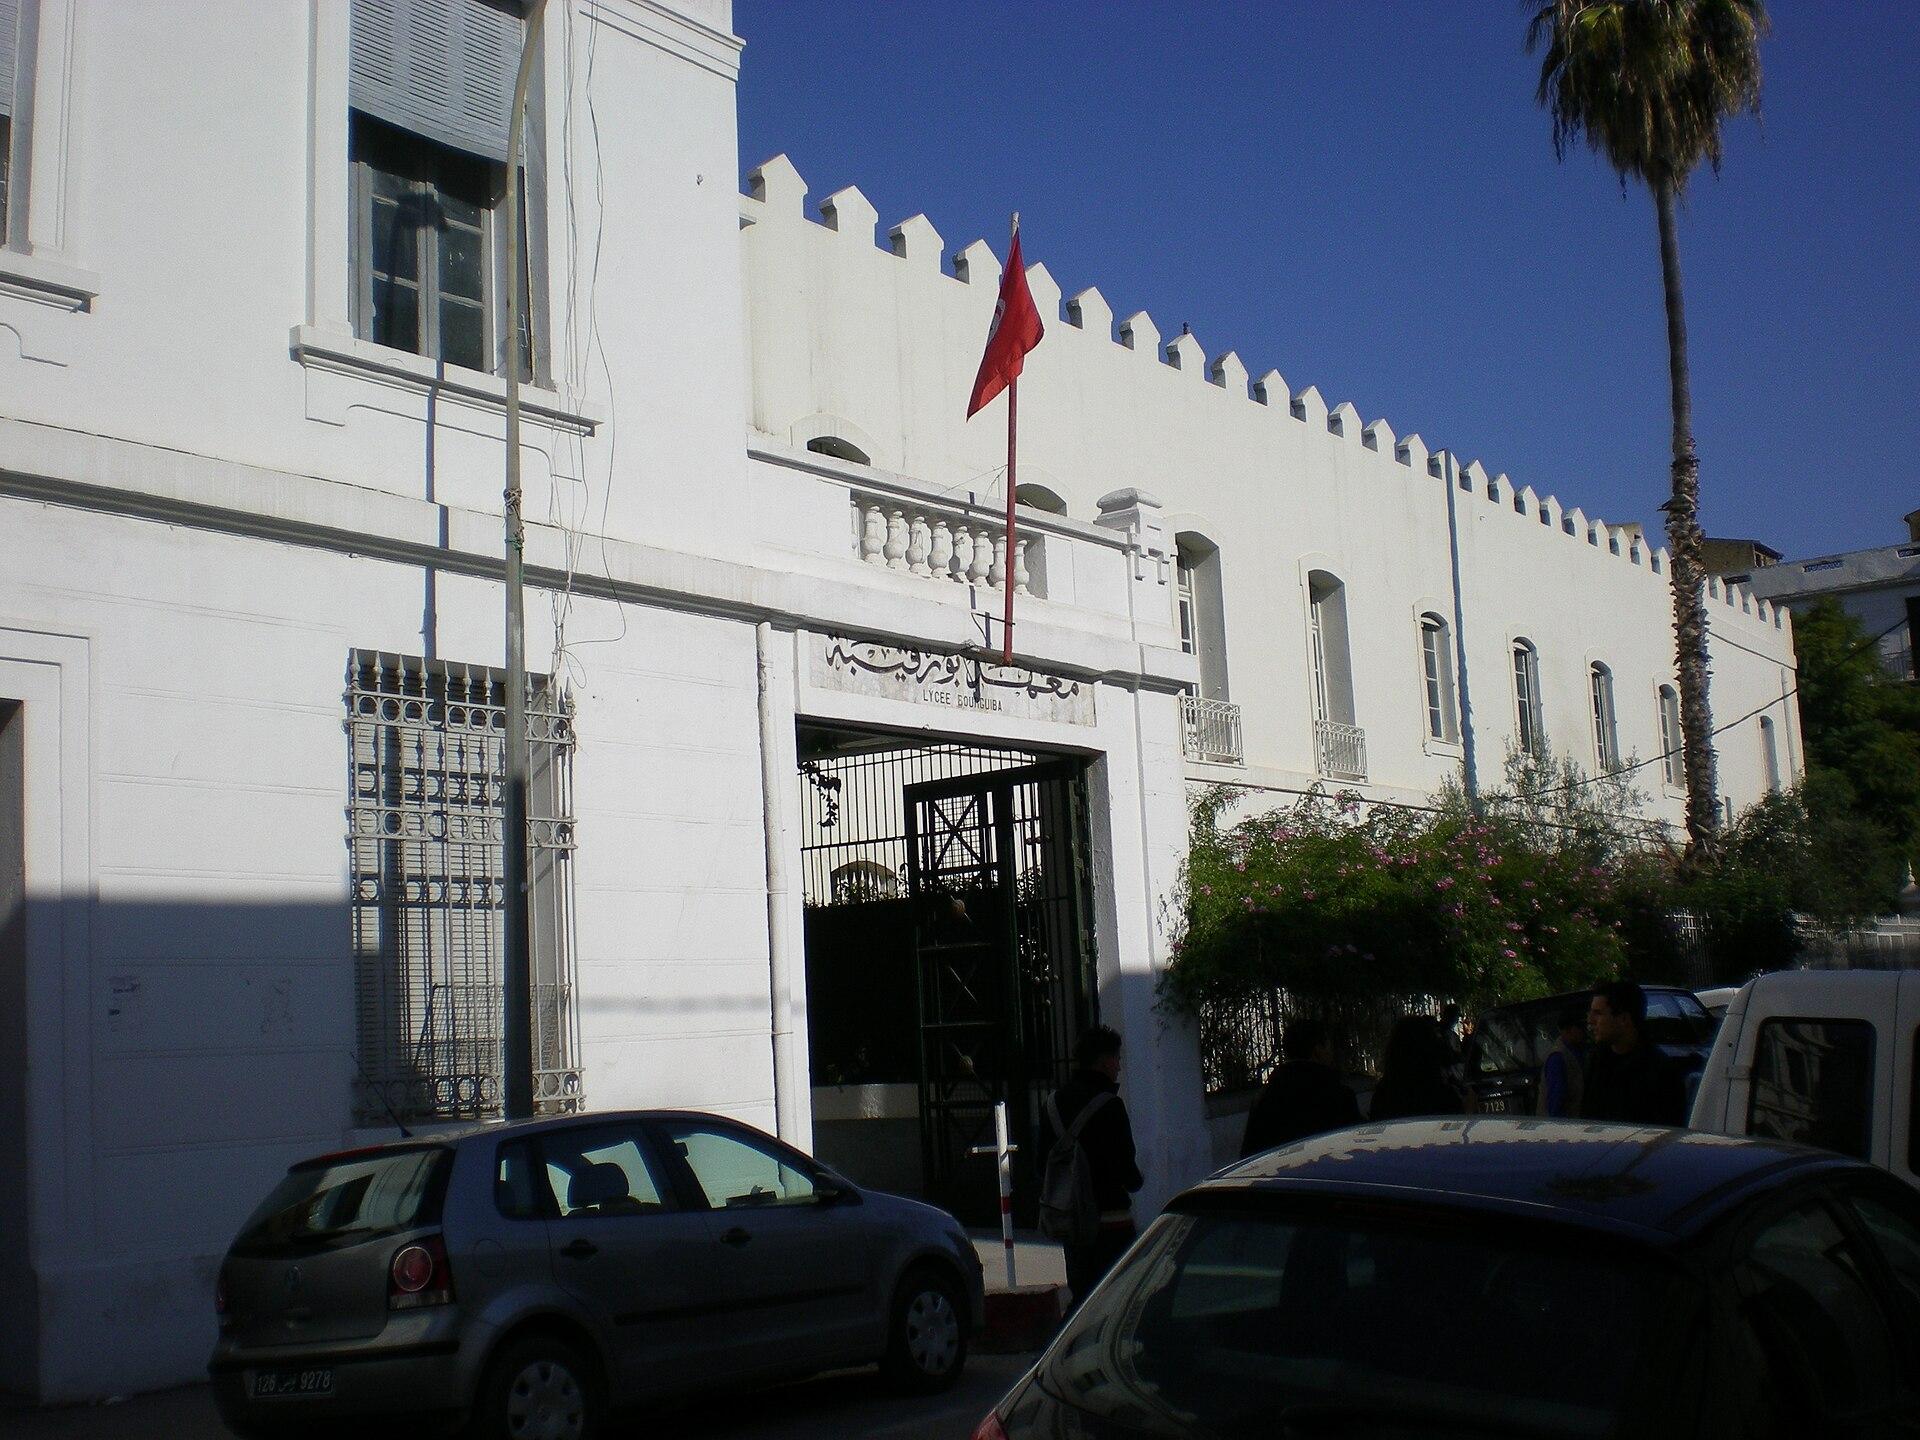 1983 la casa de las mujeres perdidas aka perversion en la isla perdida - 3 1